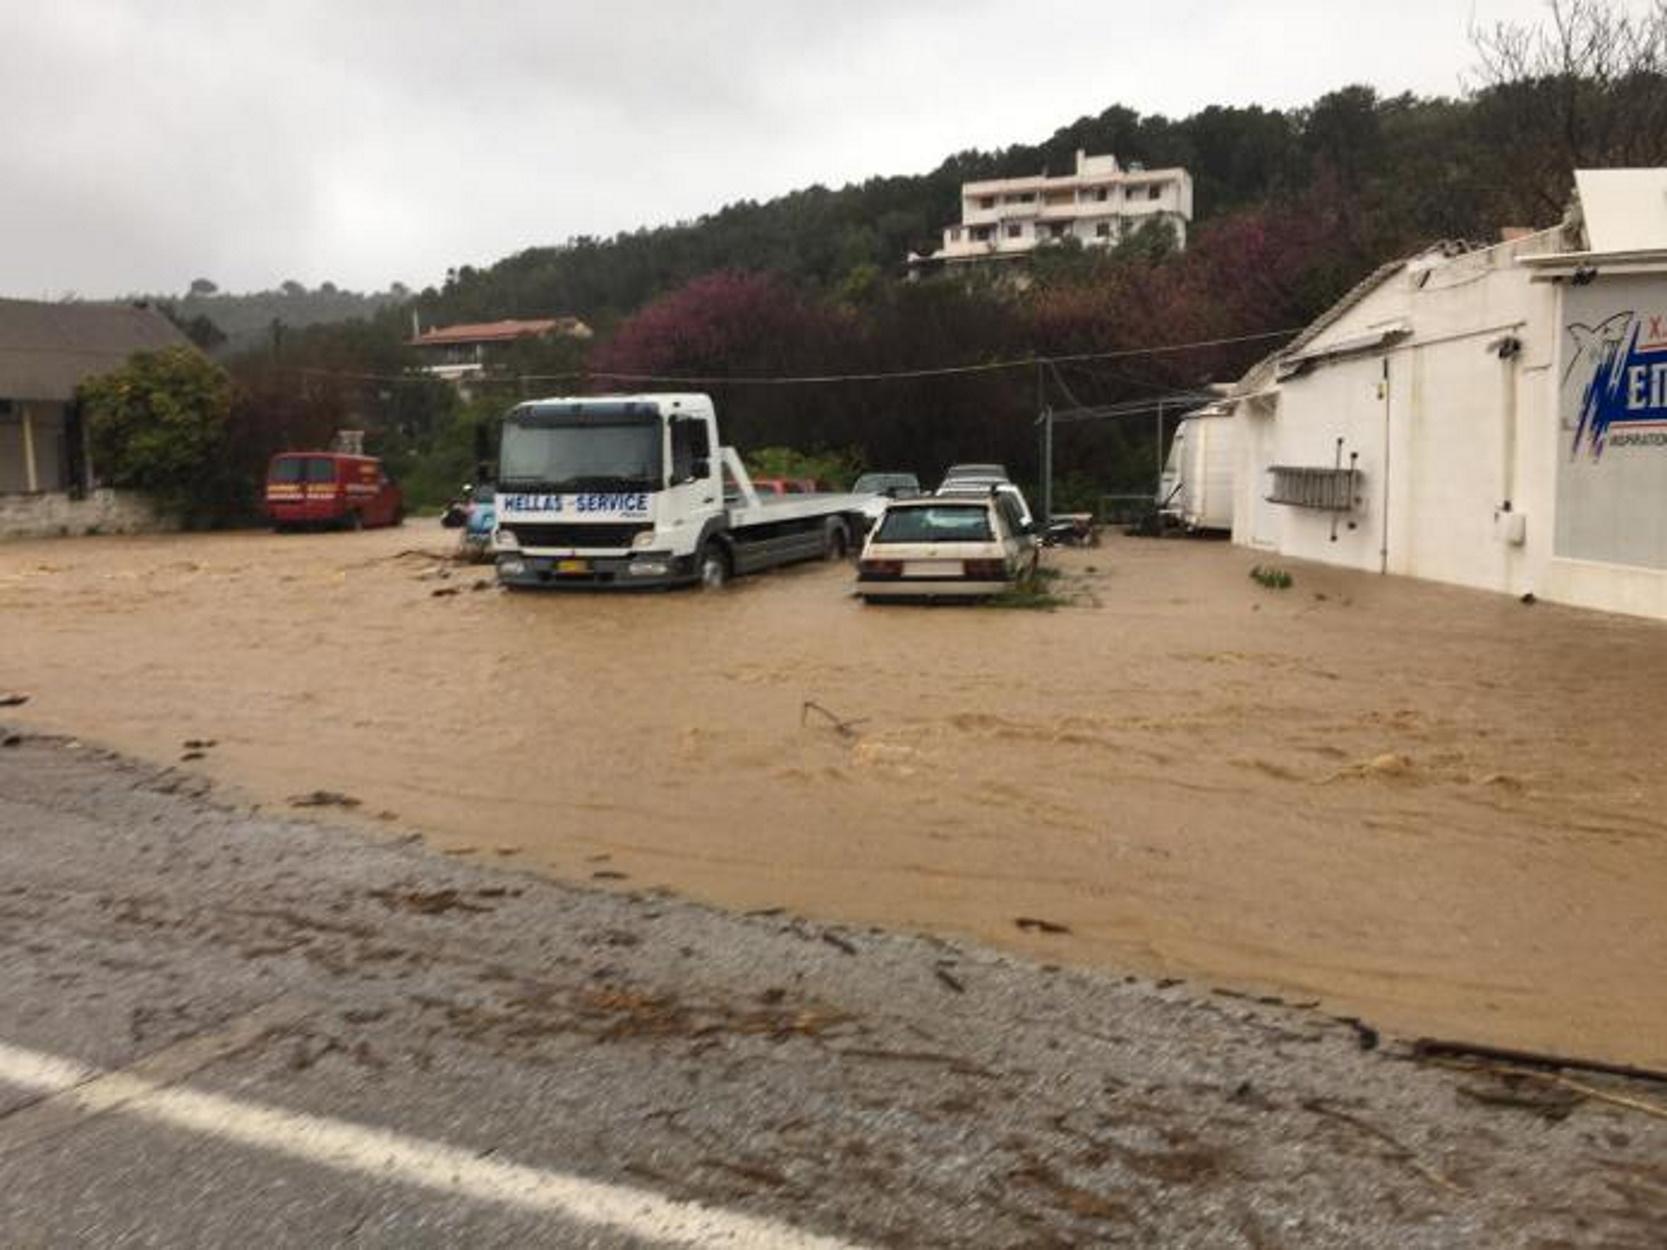 Καιρός: Καταστροφές και πλημμύρες στις Σποράδες από την κακοκαιρία